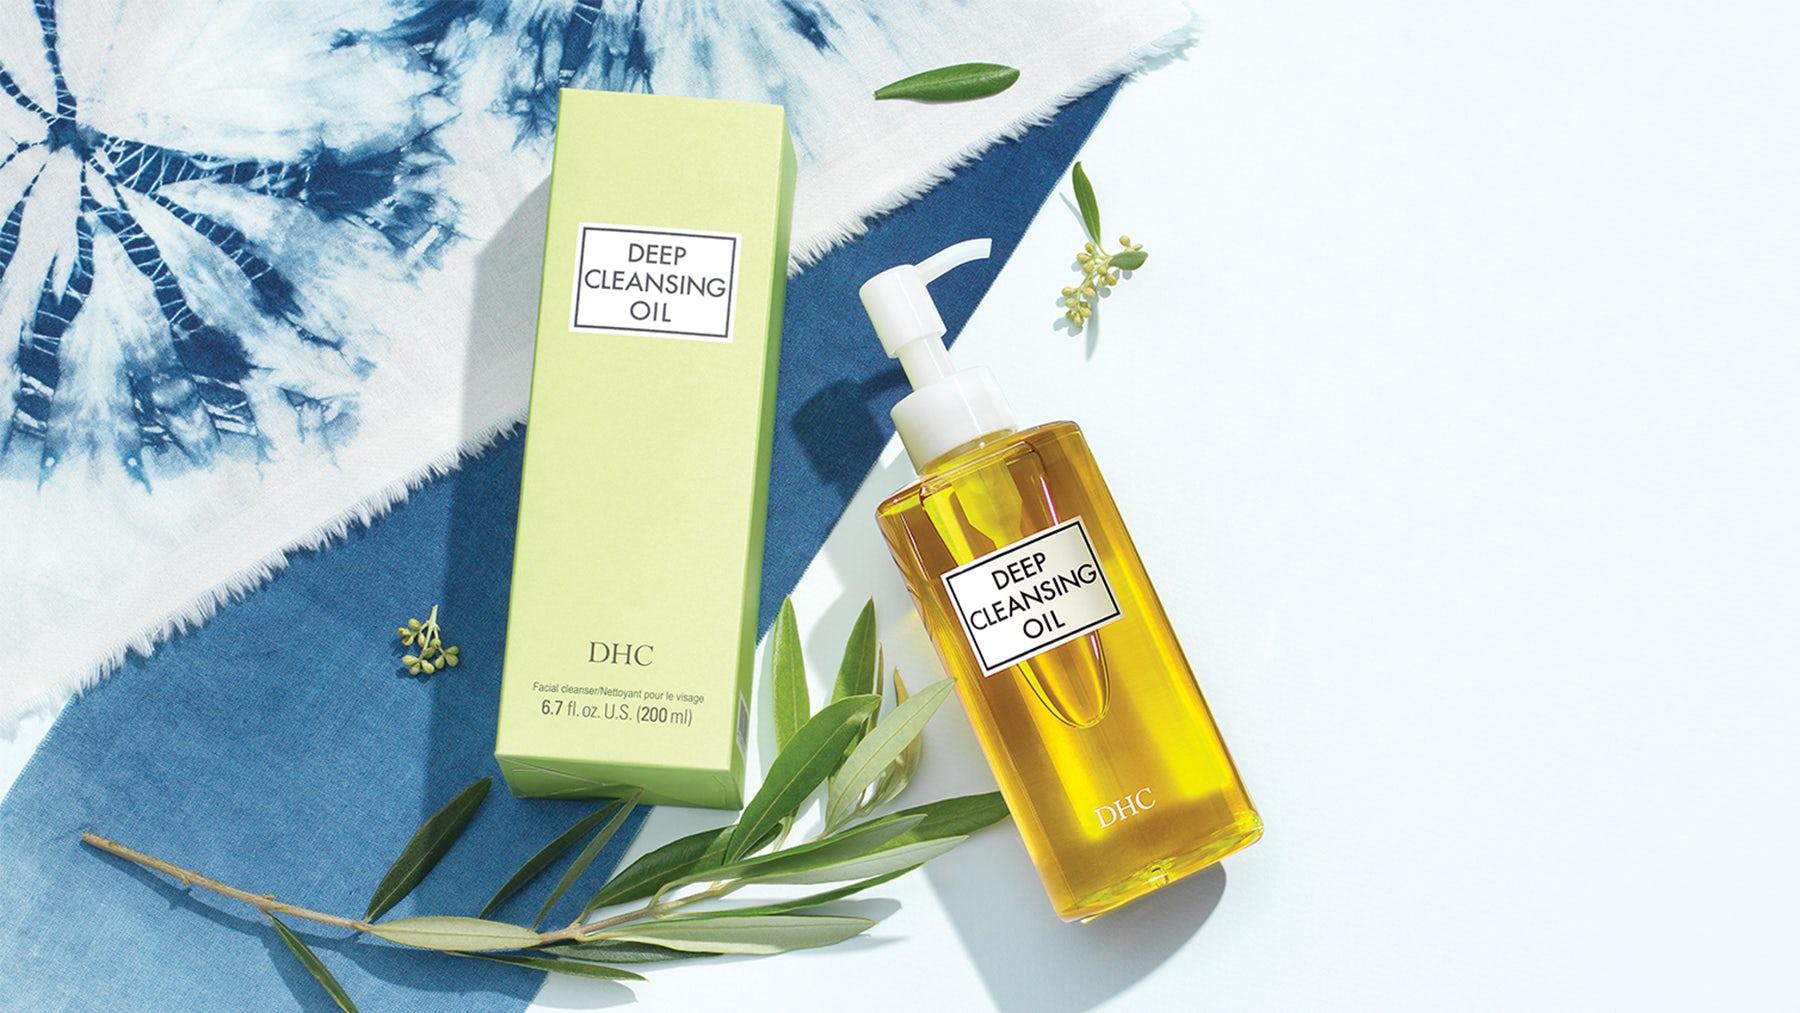 DHC的深层清洁油是品牌的英雄产品。DHC。